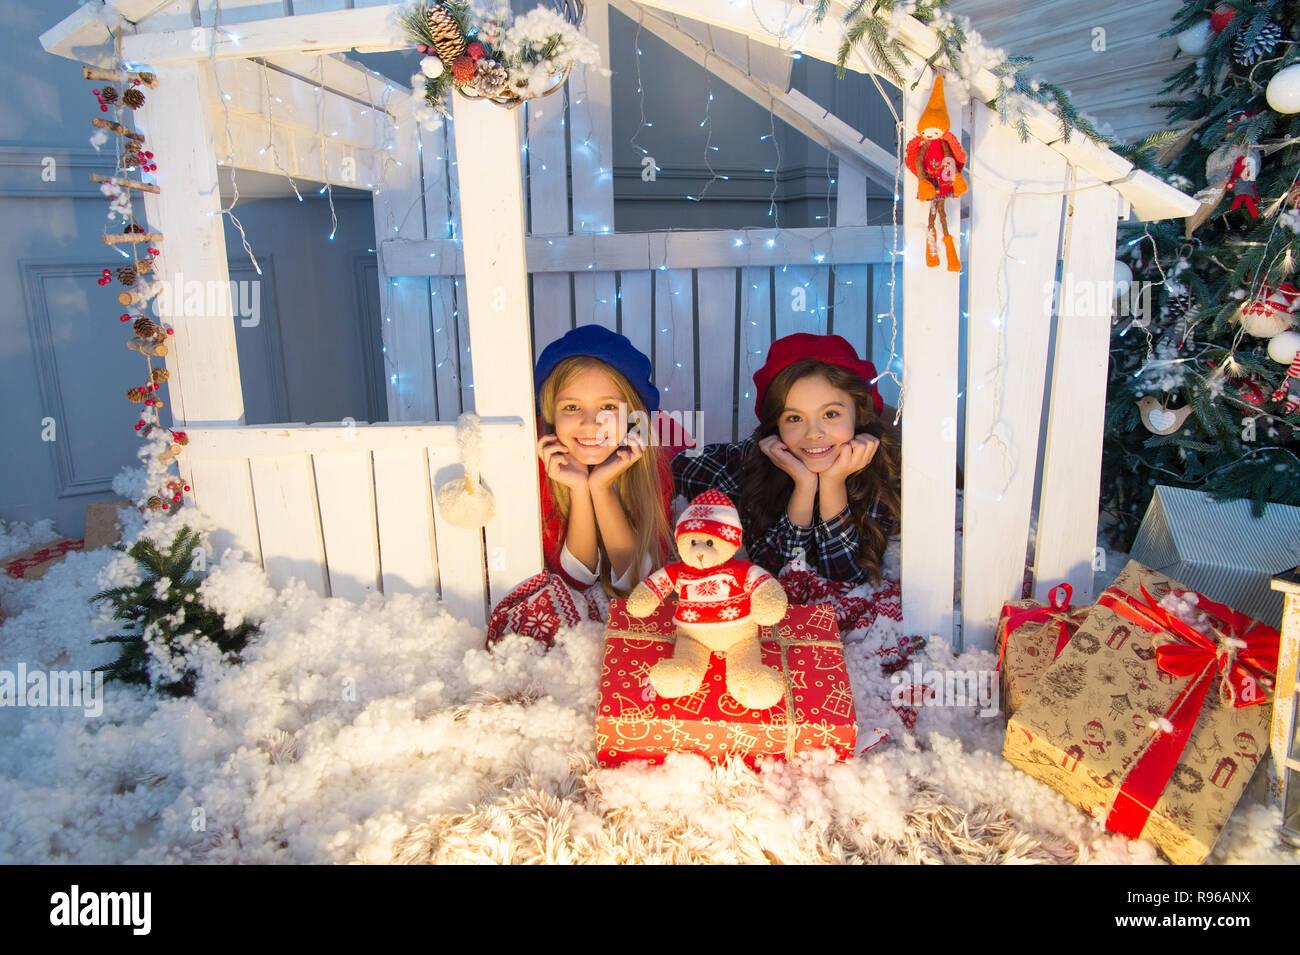 Kinder Geschenke Weihnachten 2019.Boxing Day Ist Der Tag Nach Weihnachten Glückliche Kinder Im Haus